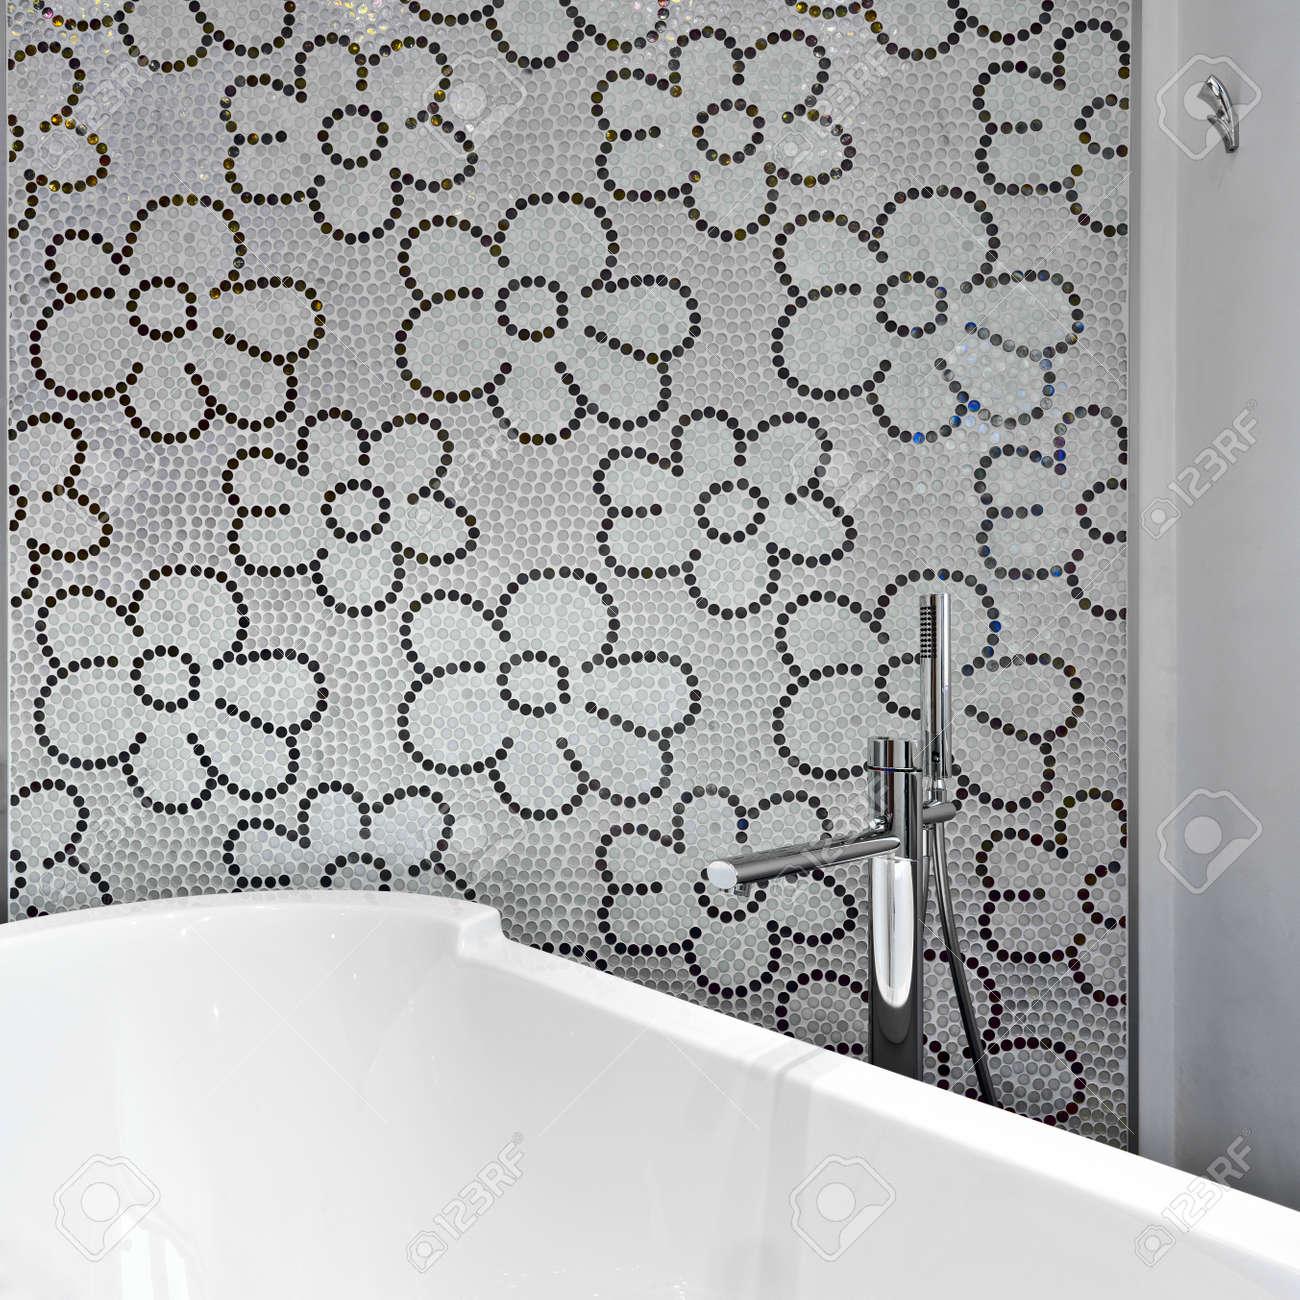 dettaglio della vasca da bagno in un bagno moderno con piastrelle ... - Piastrelle Mosaico Bagno Moderno